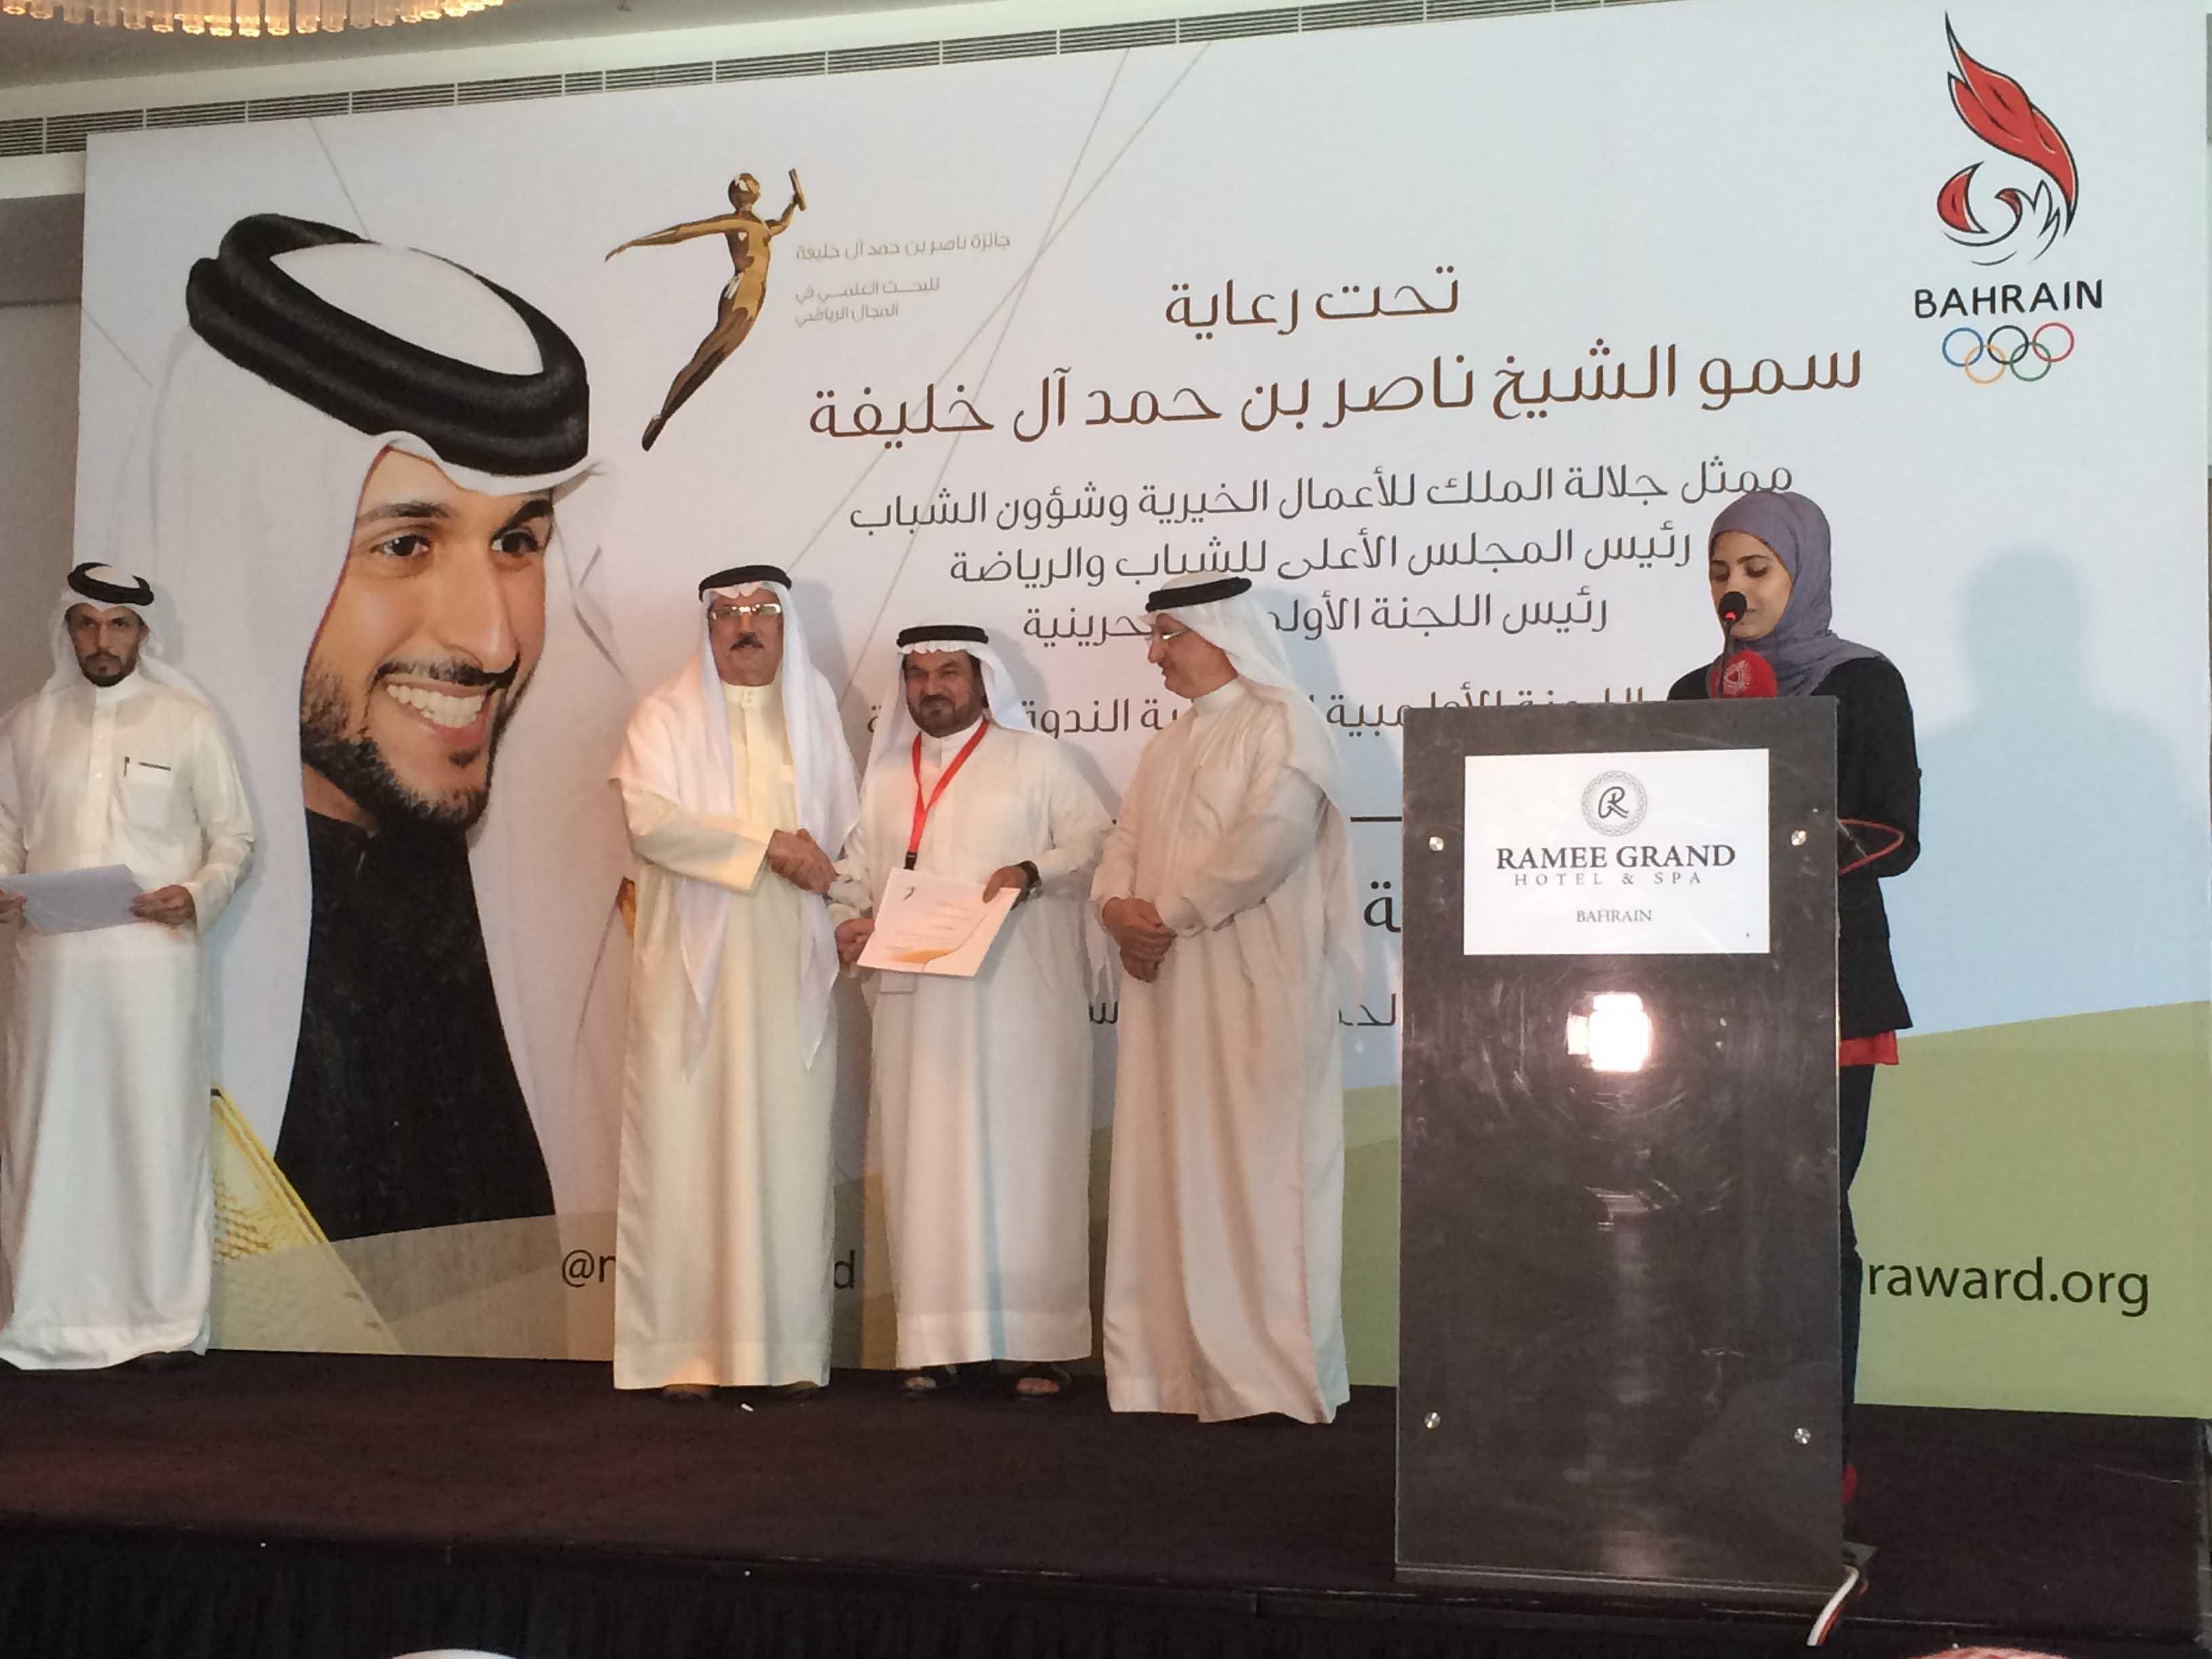 ندوة البحث العلمي في تطوير الحركة الرياضية العربية - البحرين 2015